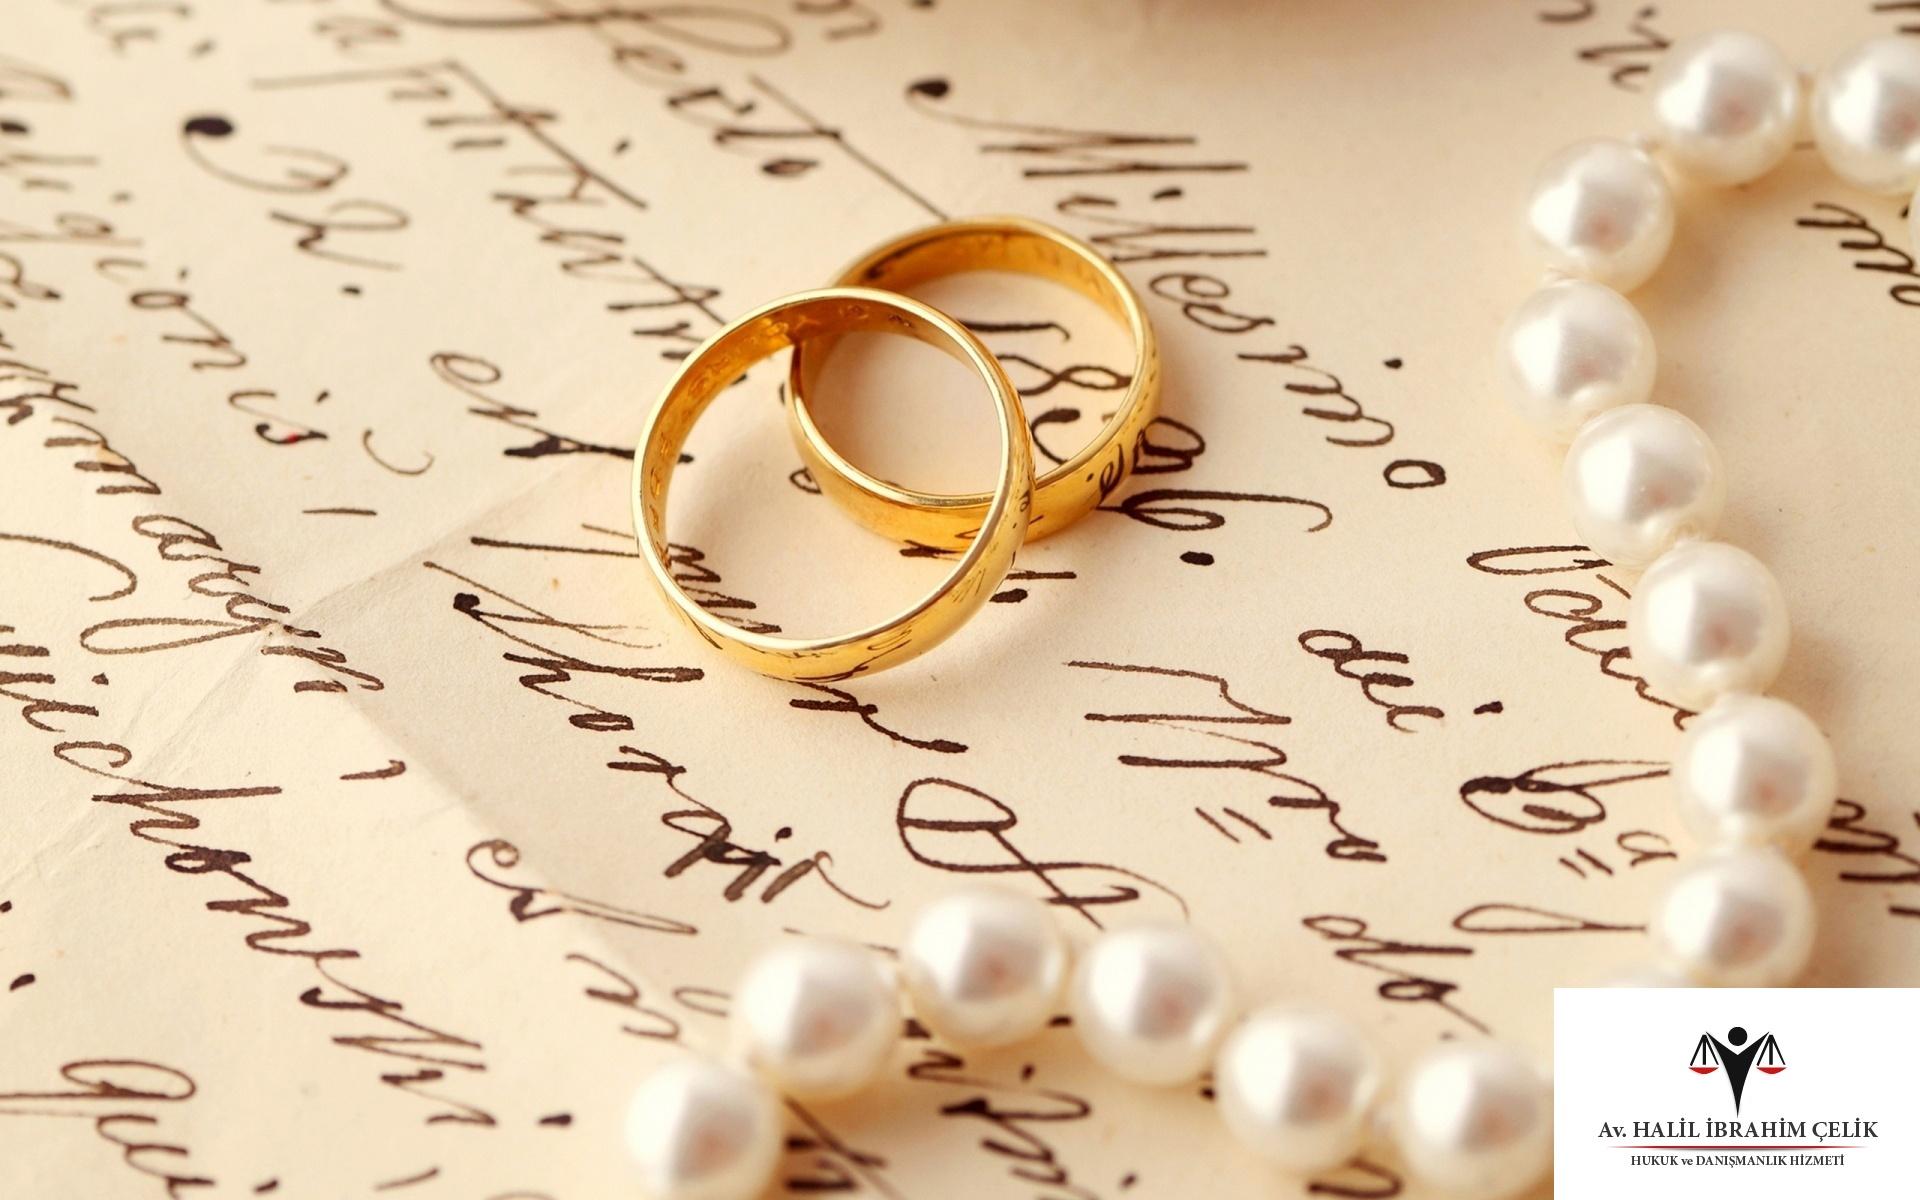 Boşanmada Düğün Takıları Nasıl Paylaştırılır - Av. H. İ. Çelik